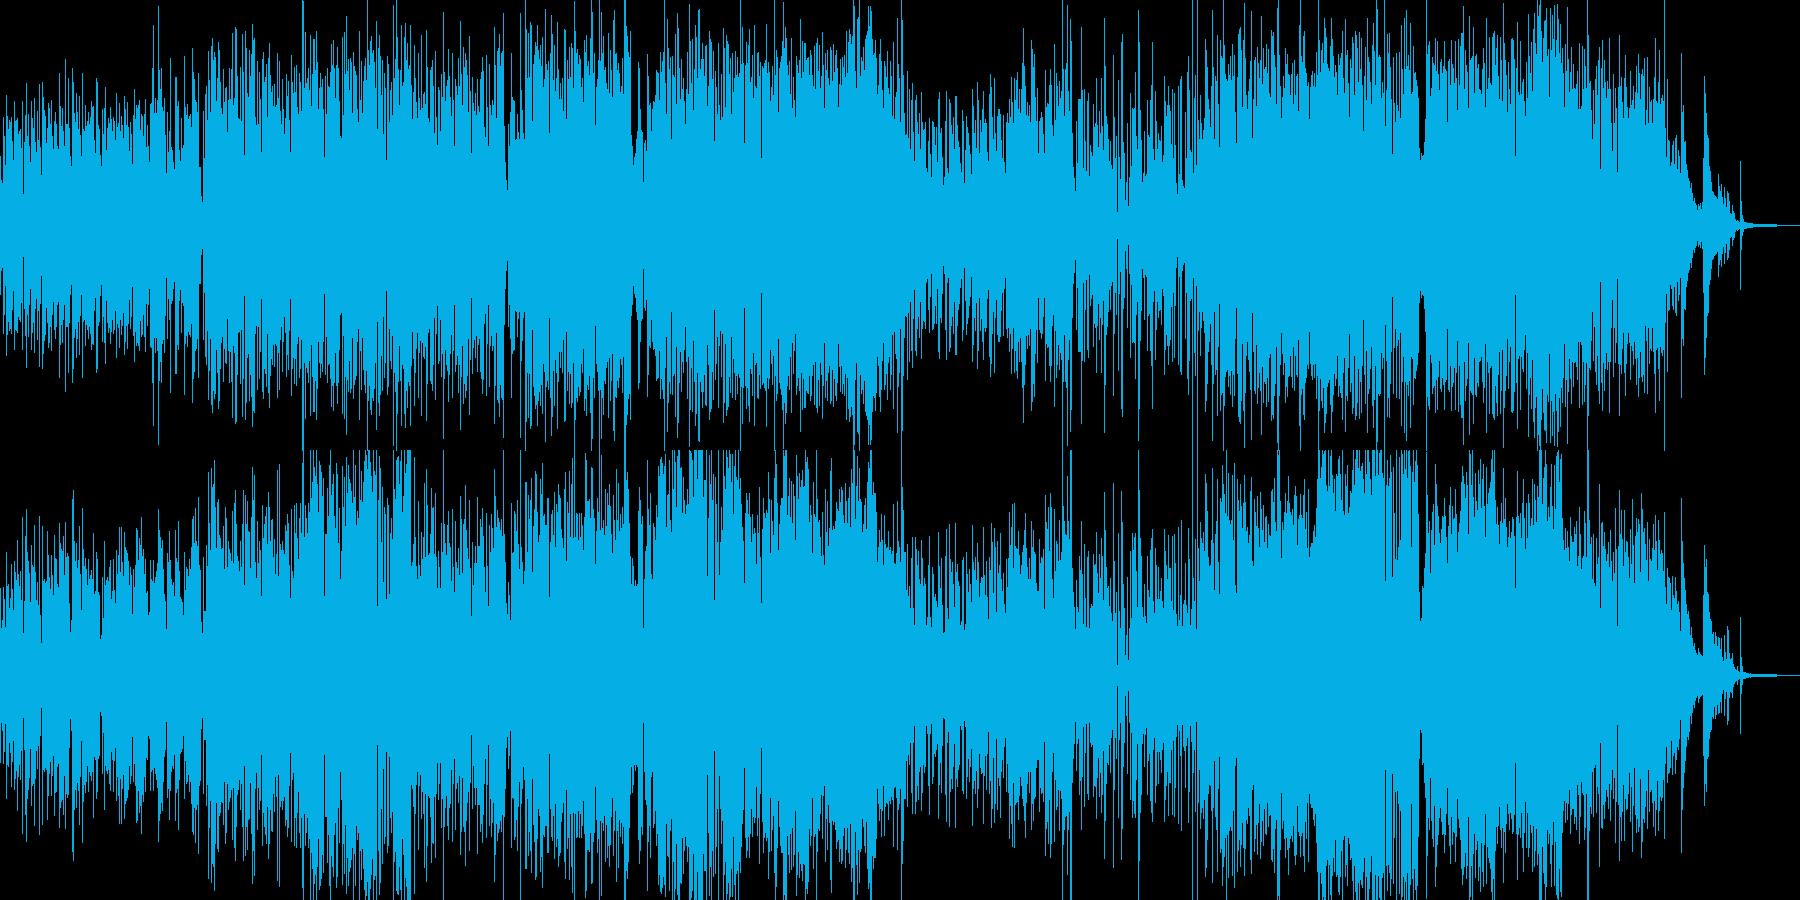 メルヘンチックなジャズワルツの再生済みの波形